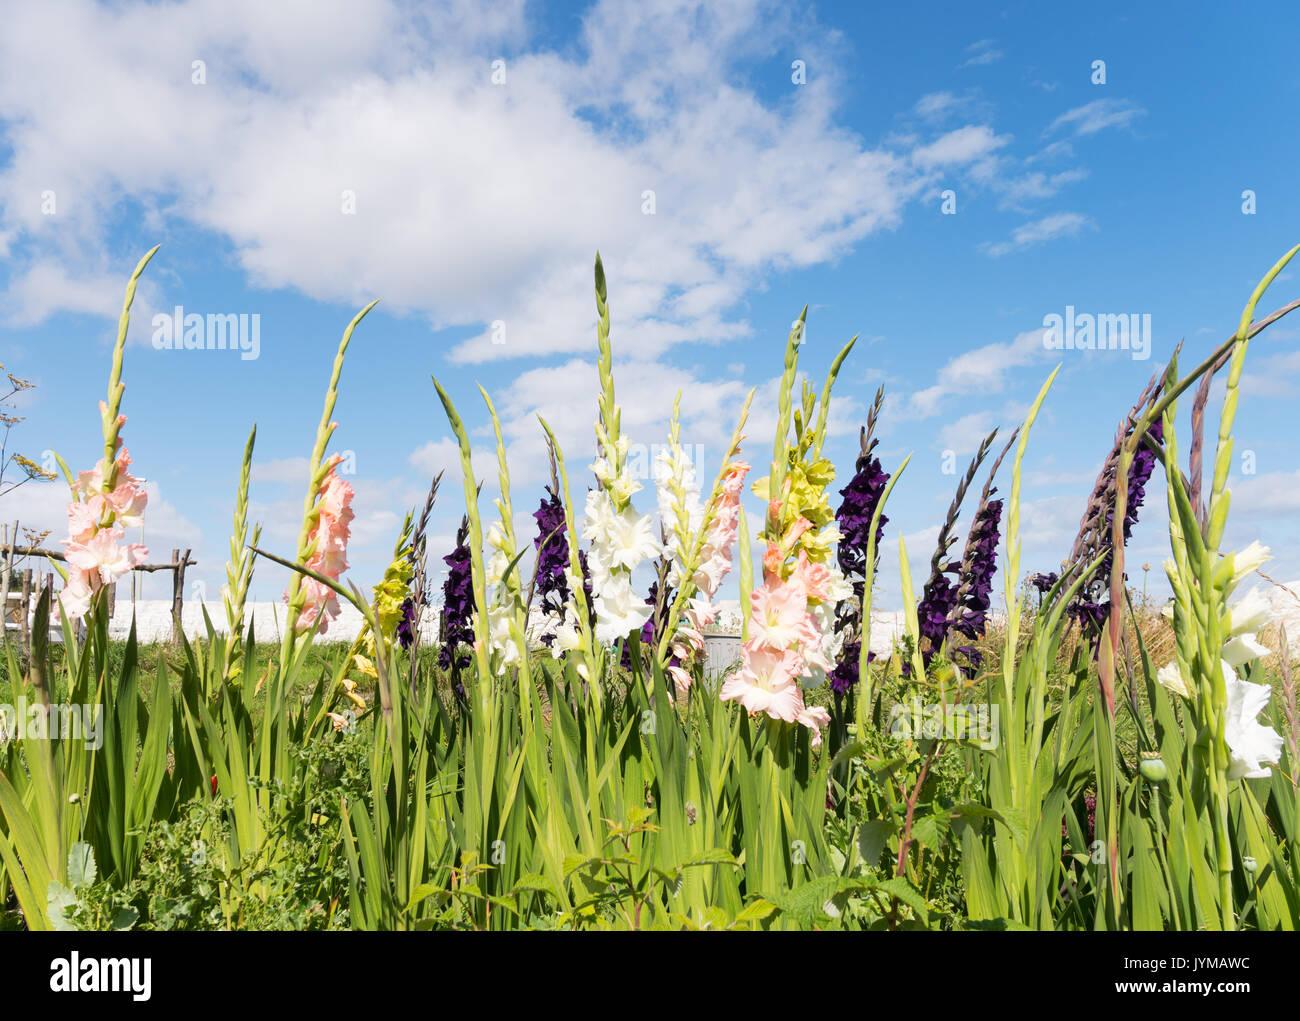 Gladioli Uk Stock Photos & Gladioli Uk Stock Images - Alamy